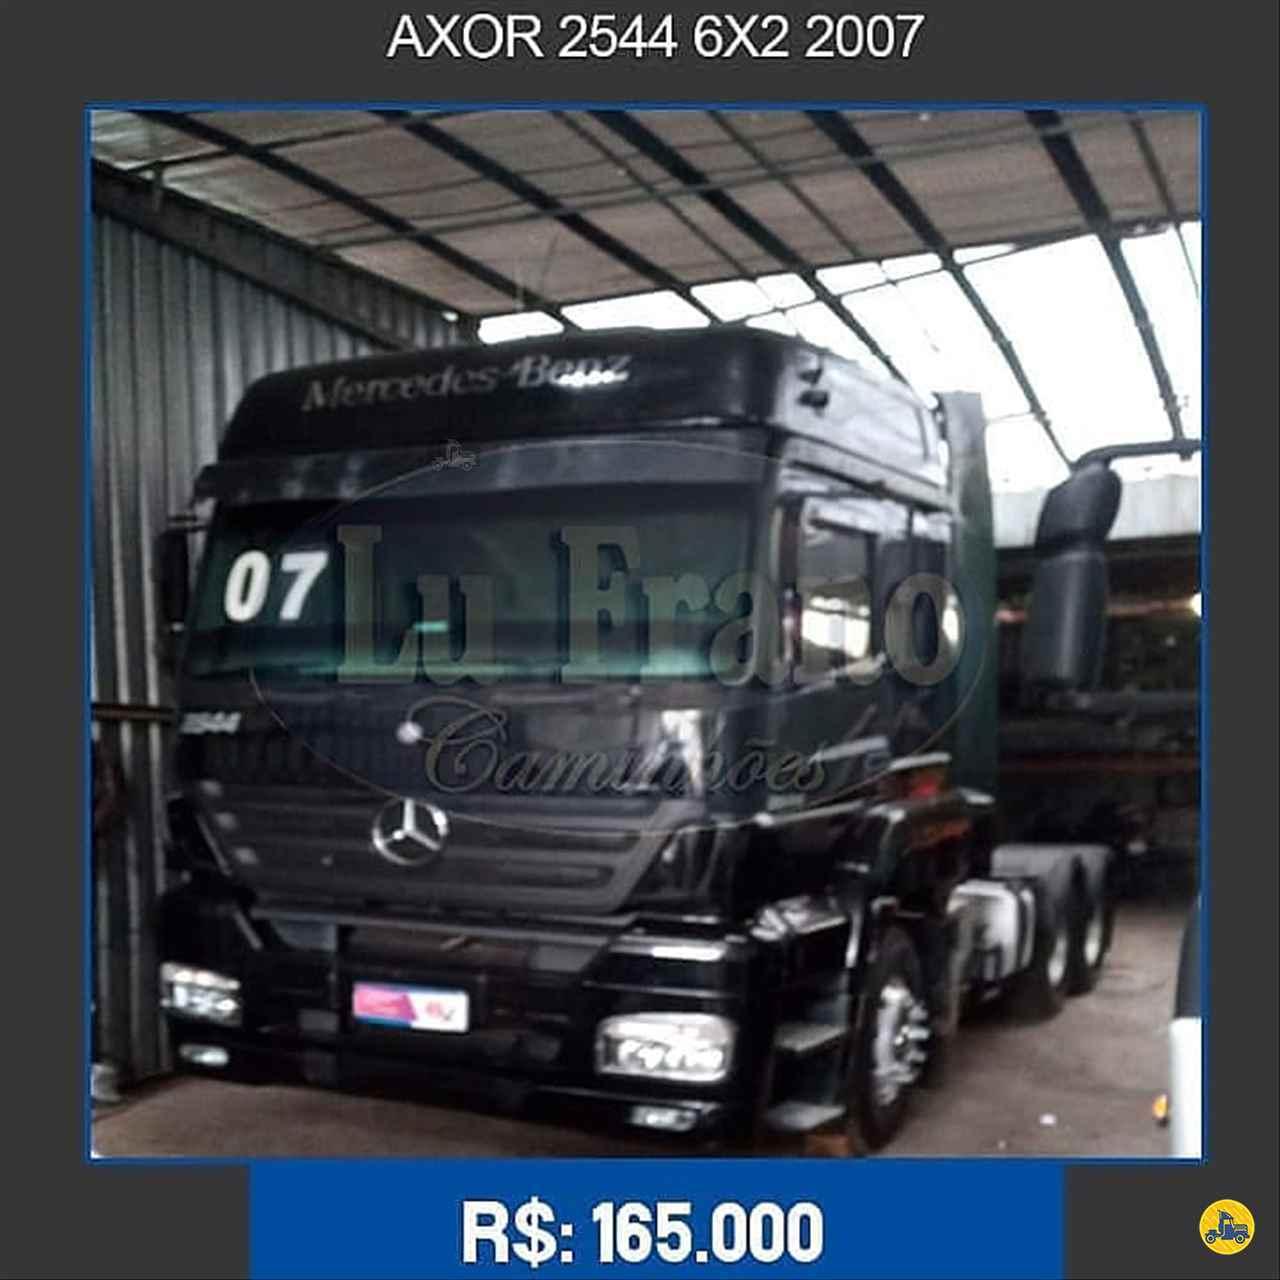 CAMINHAO MERCEDES-BENZ MB 2544 Cavalo Mecânico Truck 6x2 Lu Frano Caminhões SANTO ANDRE SÃO PAULO SP